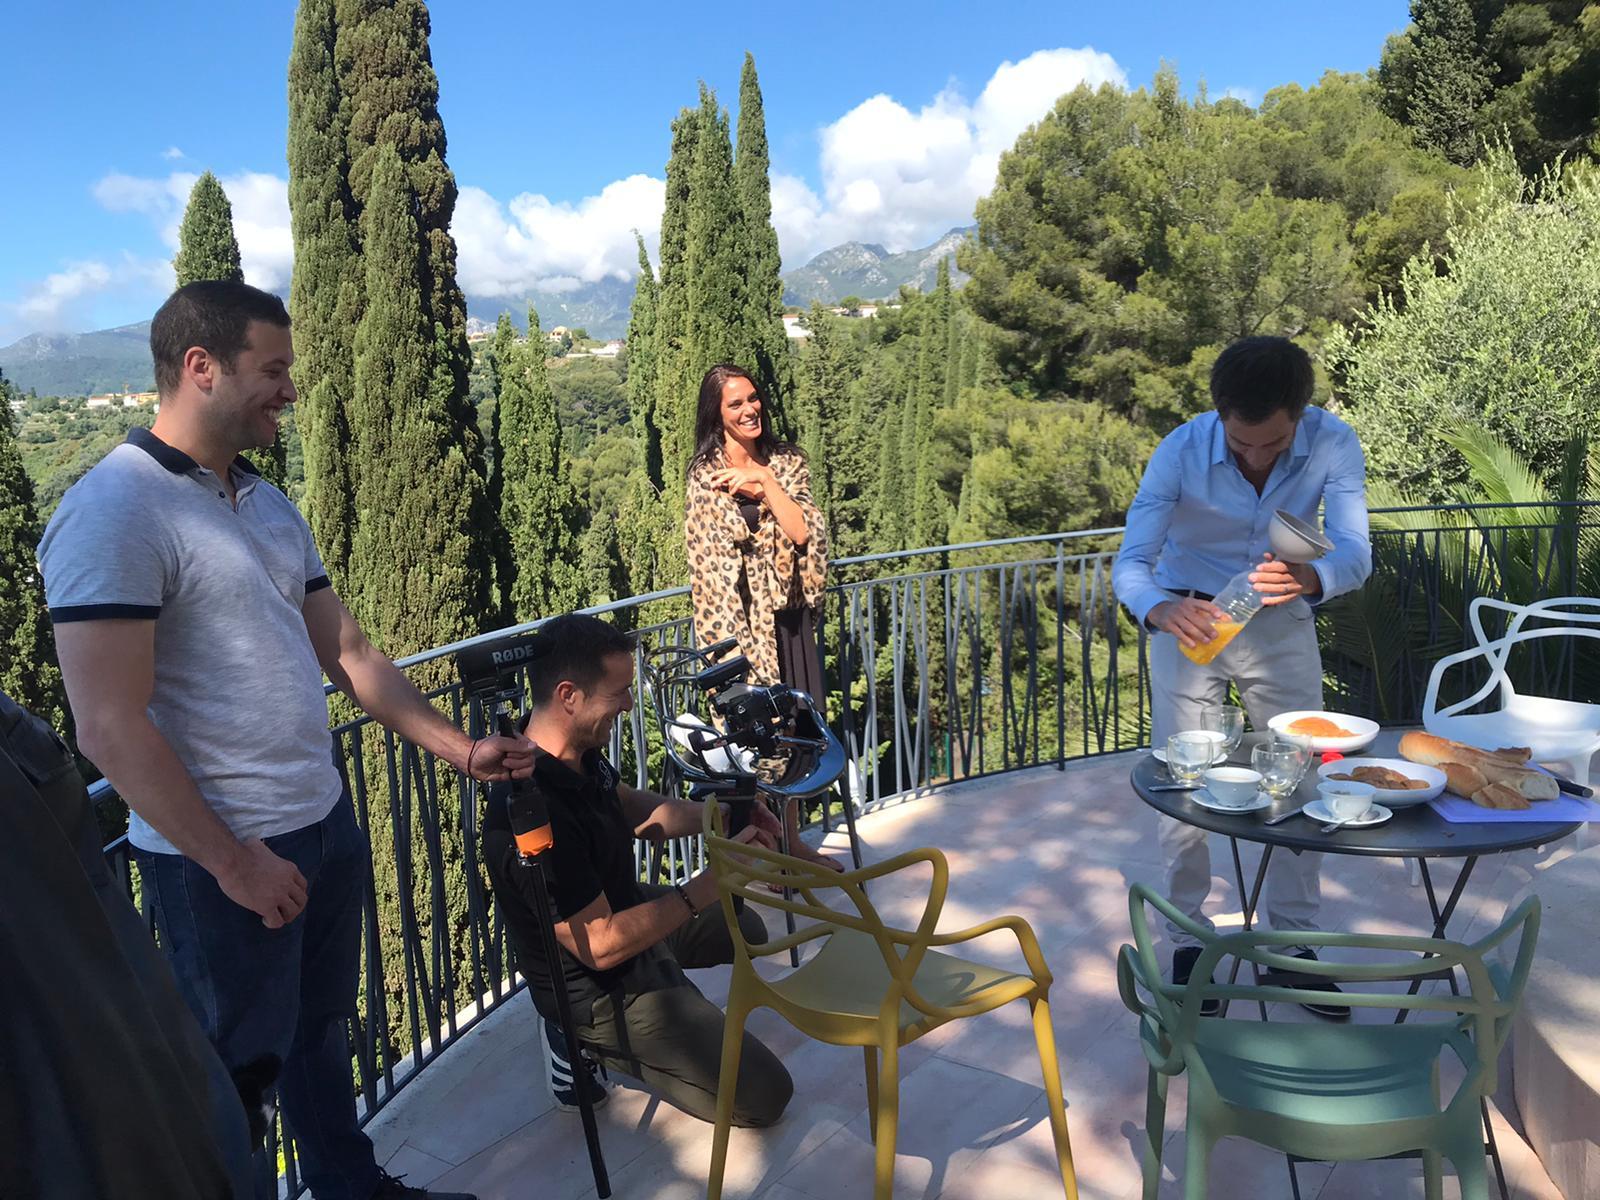 Filmmaker Monaco